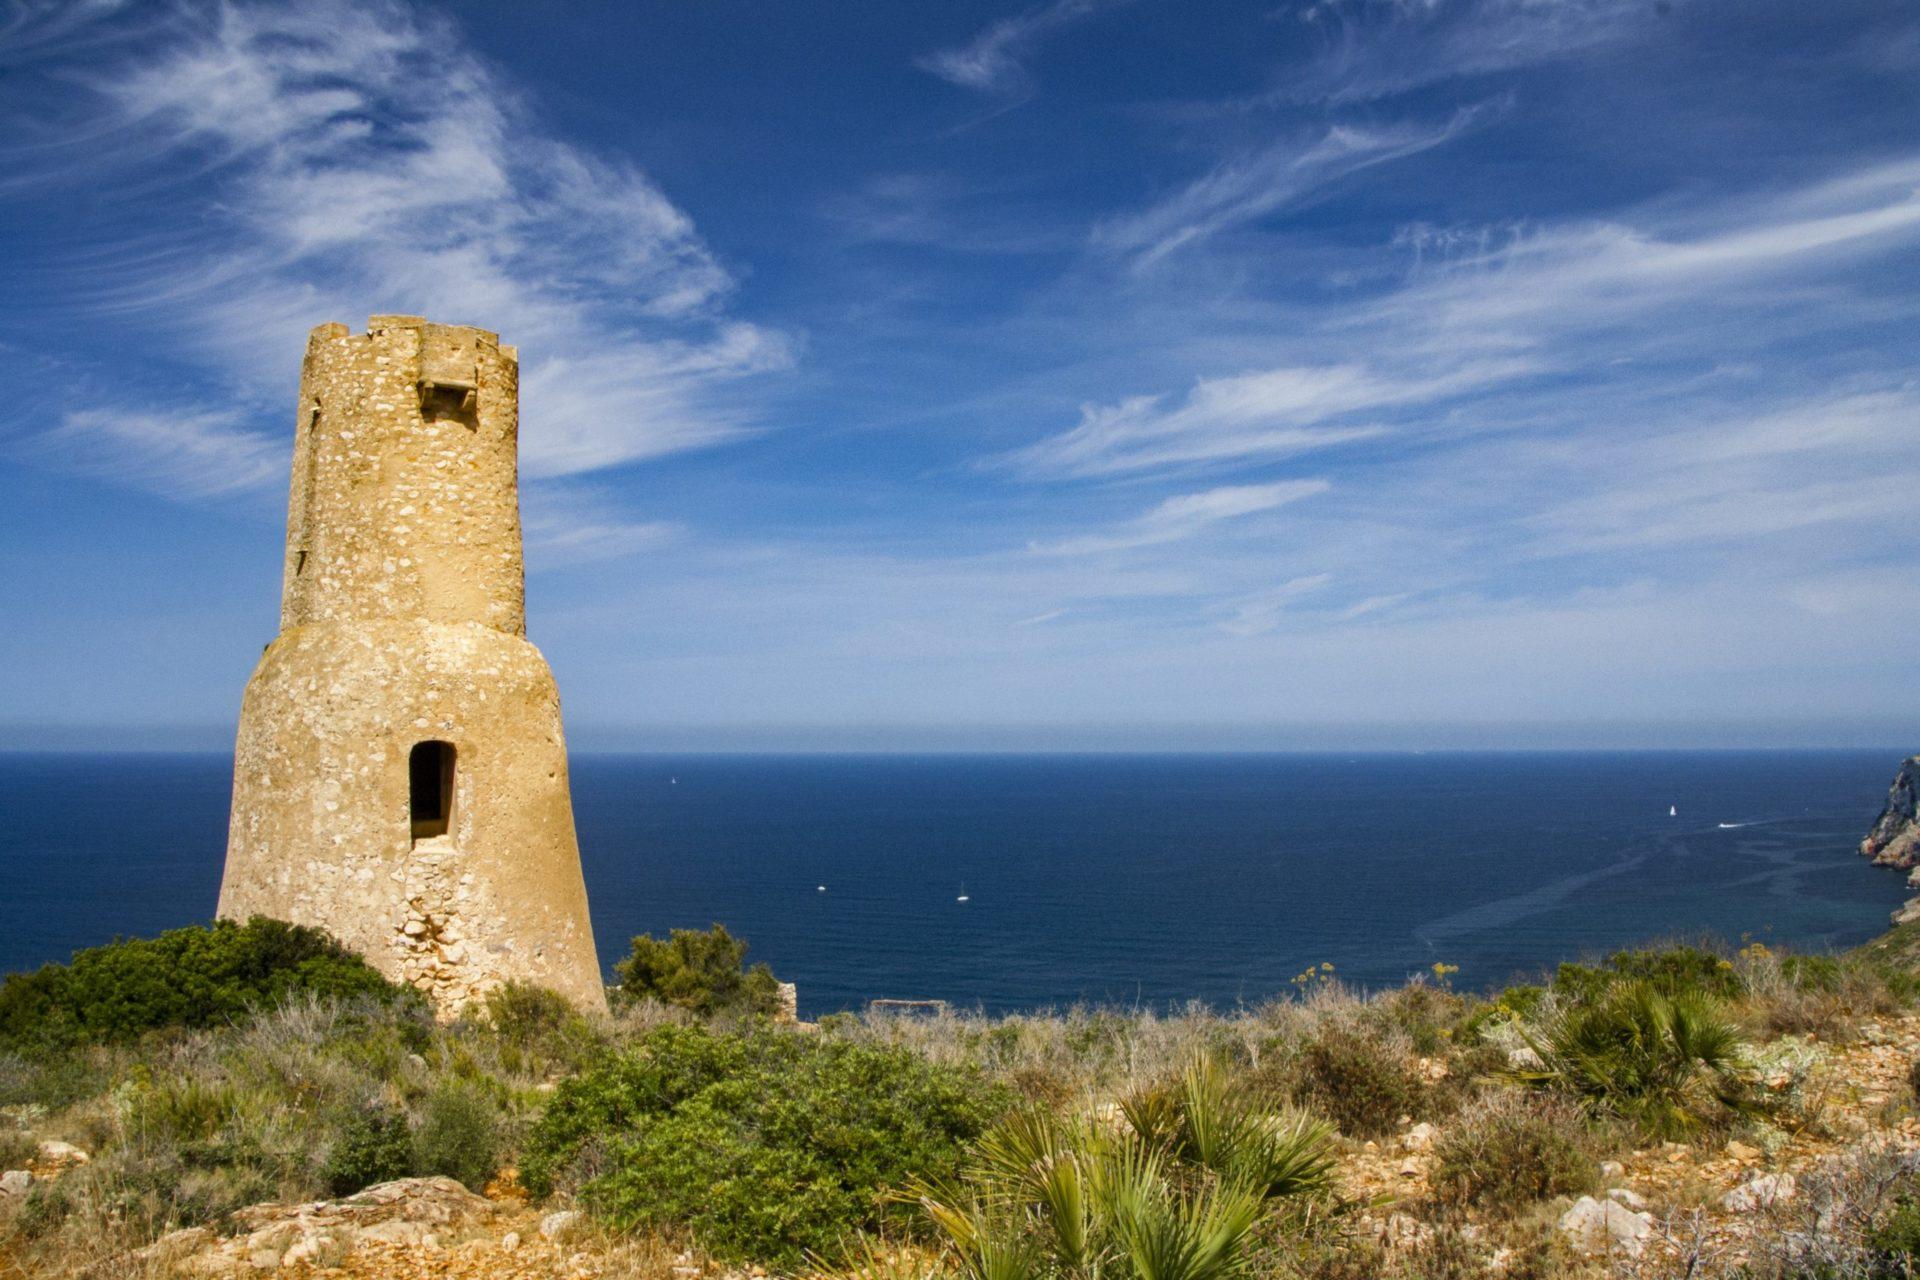 Wassertemperatur Denia: Turm Torre del Gerro mit Mittelmeer